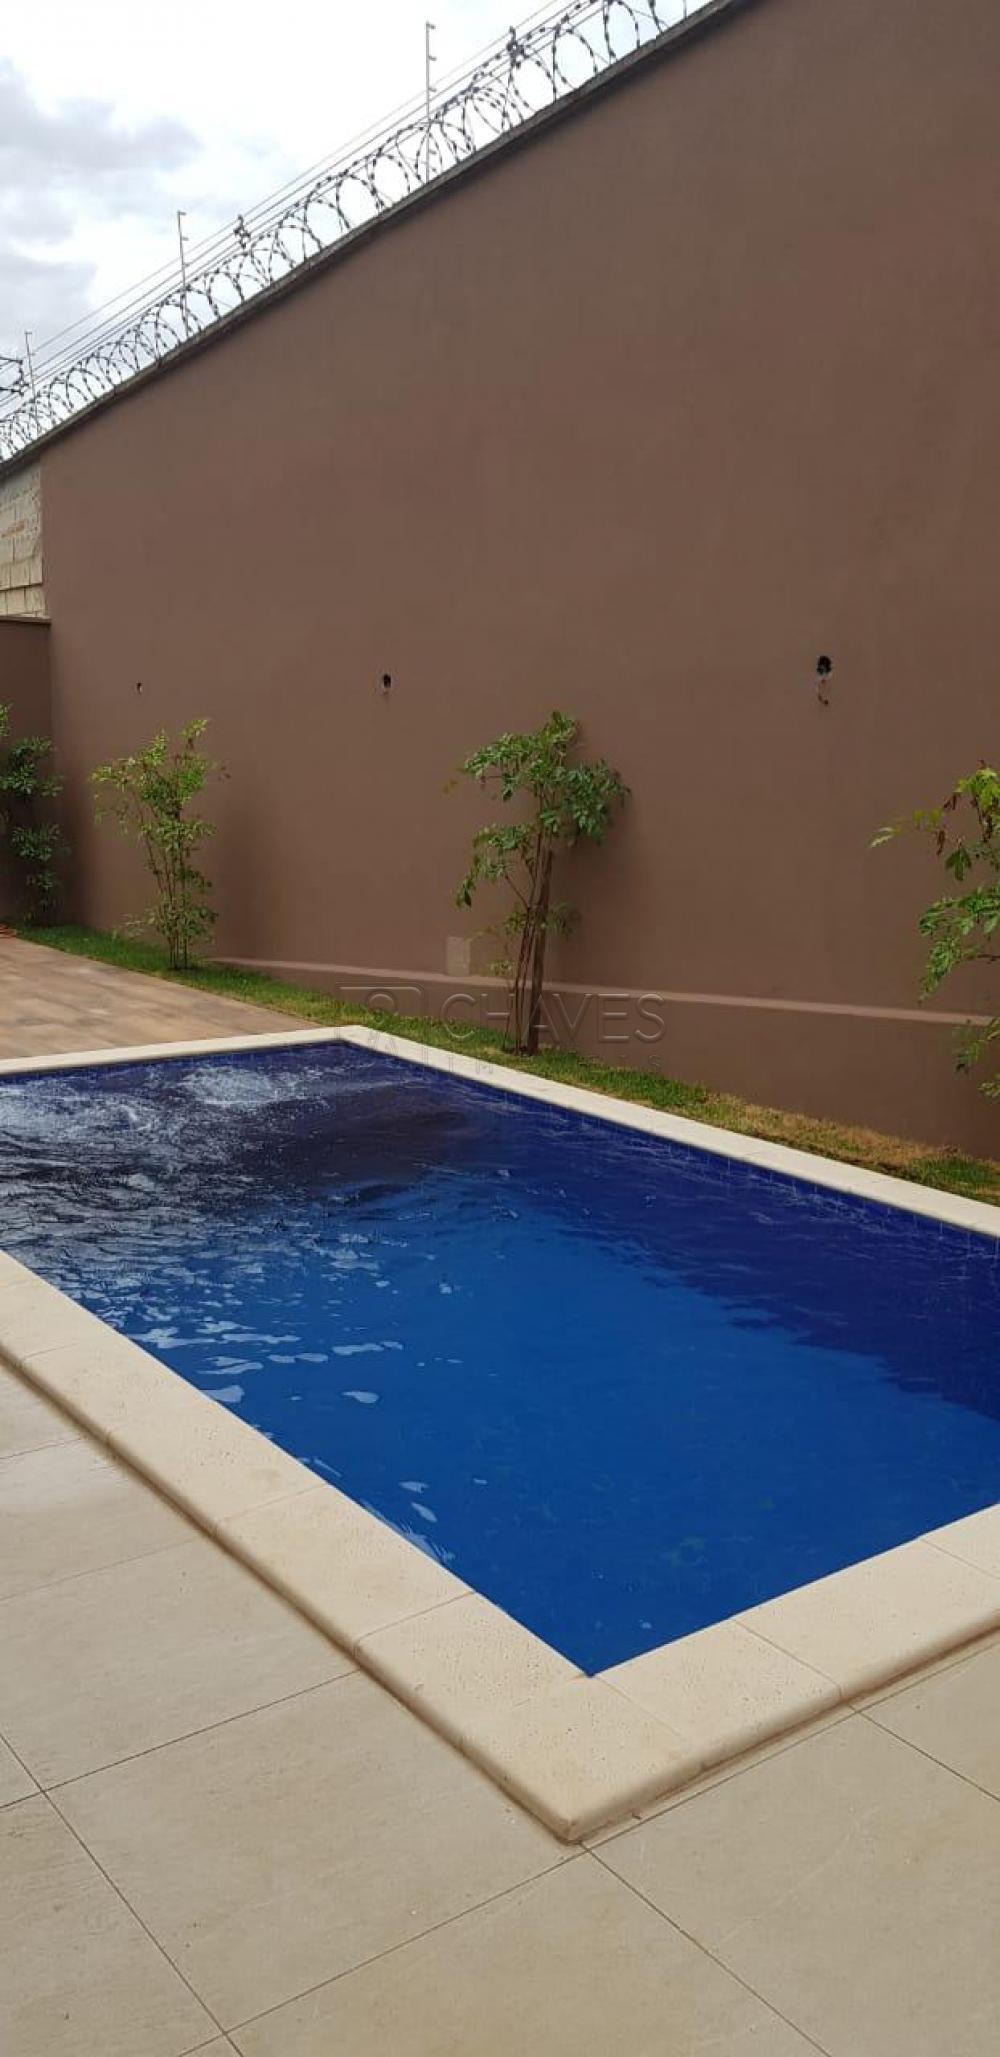 Comprar Casa / Condomínio em Ribeirão Preto apenas R$ 970.000,00 - Foto 5